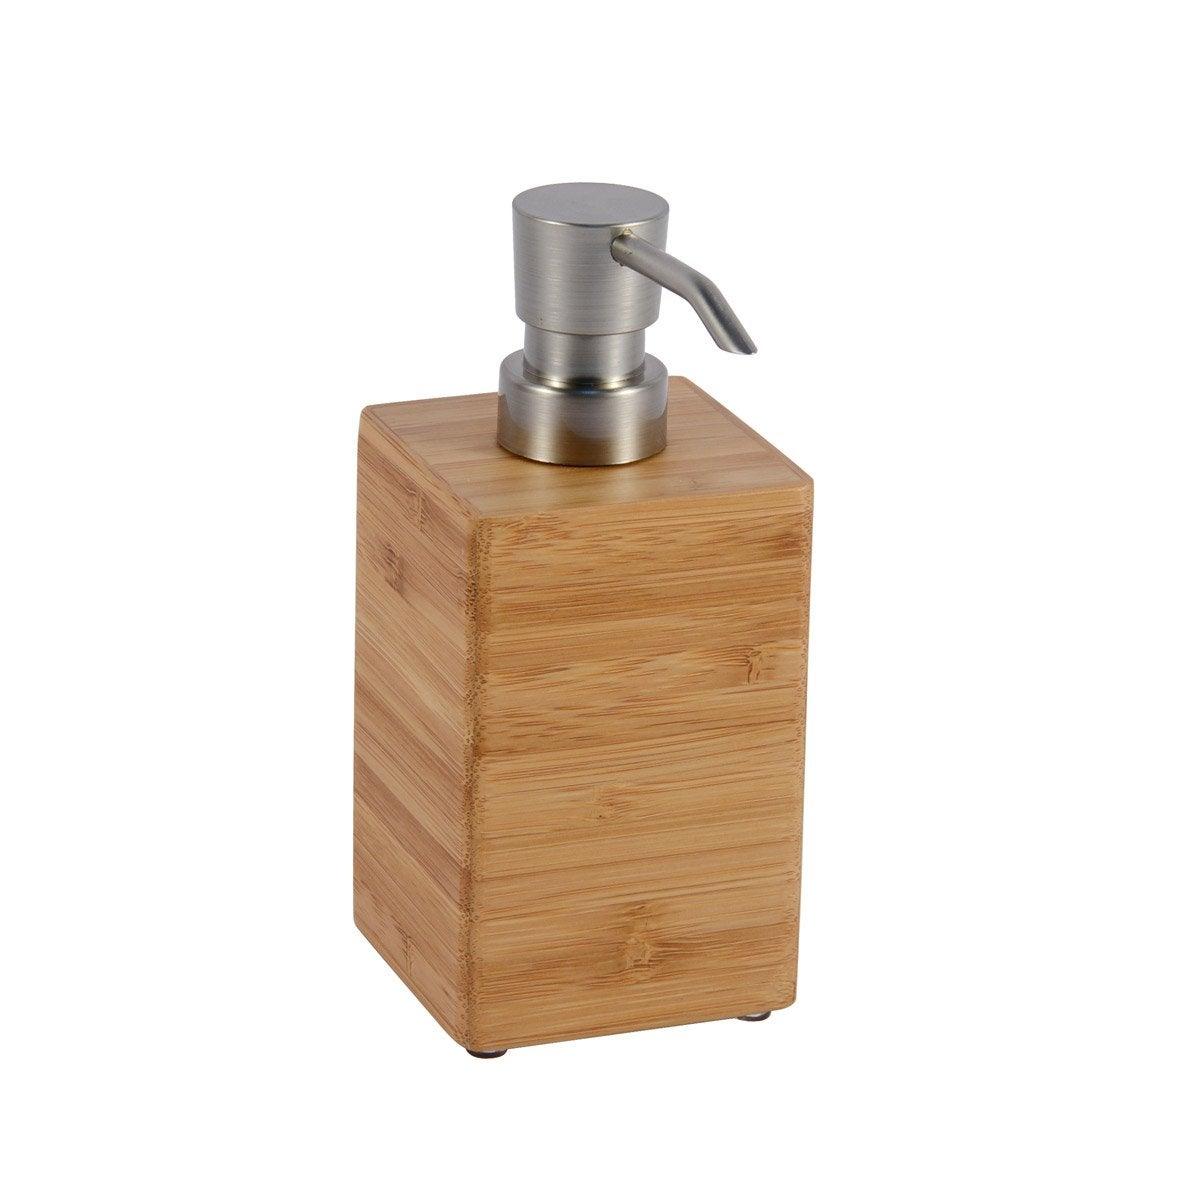 Distributeur de savon bambou Bambou, bois